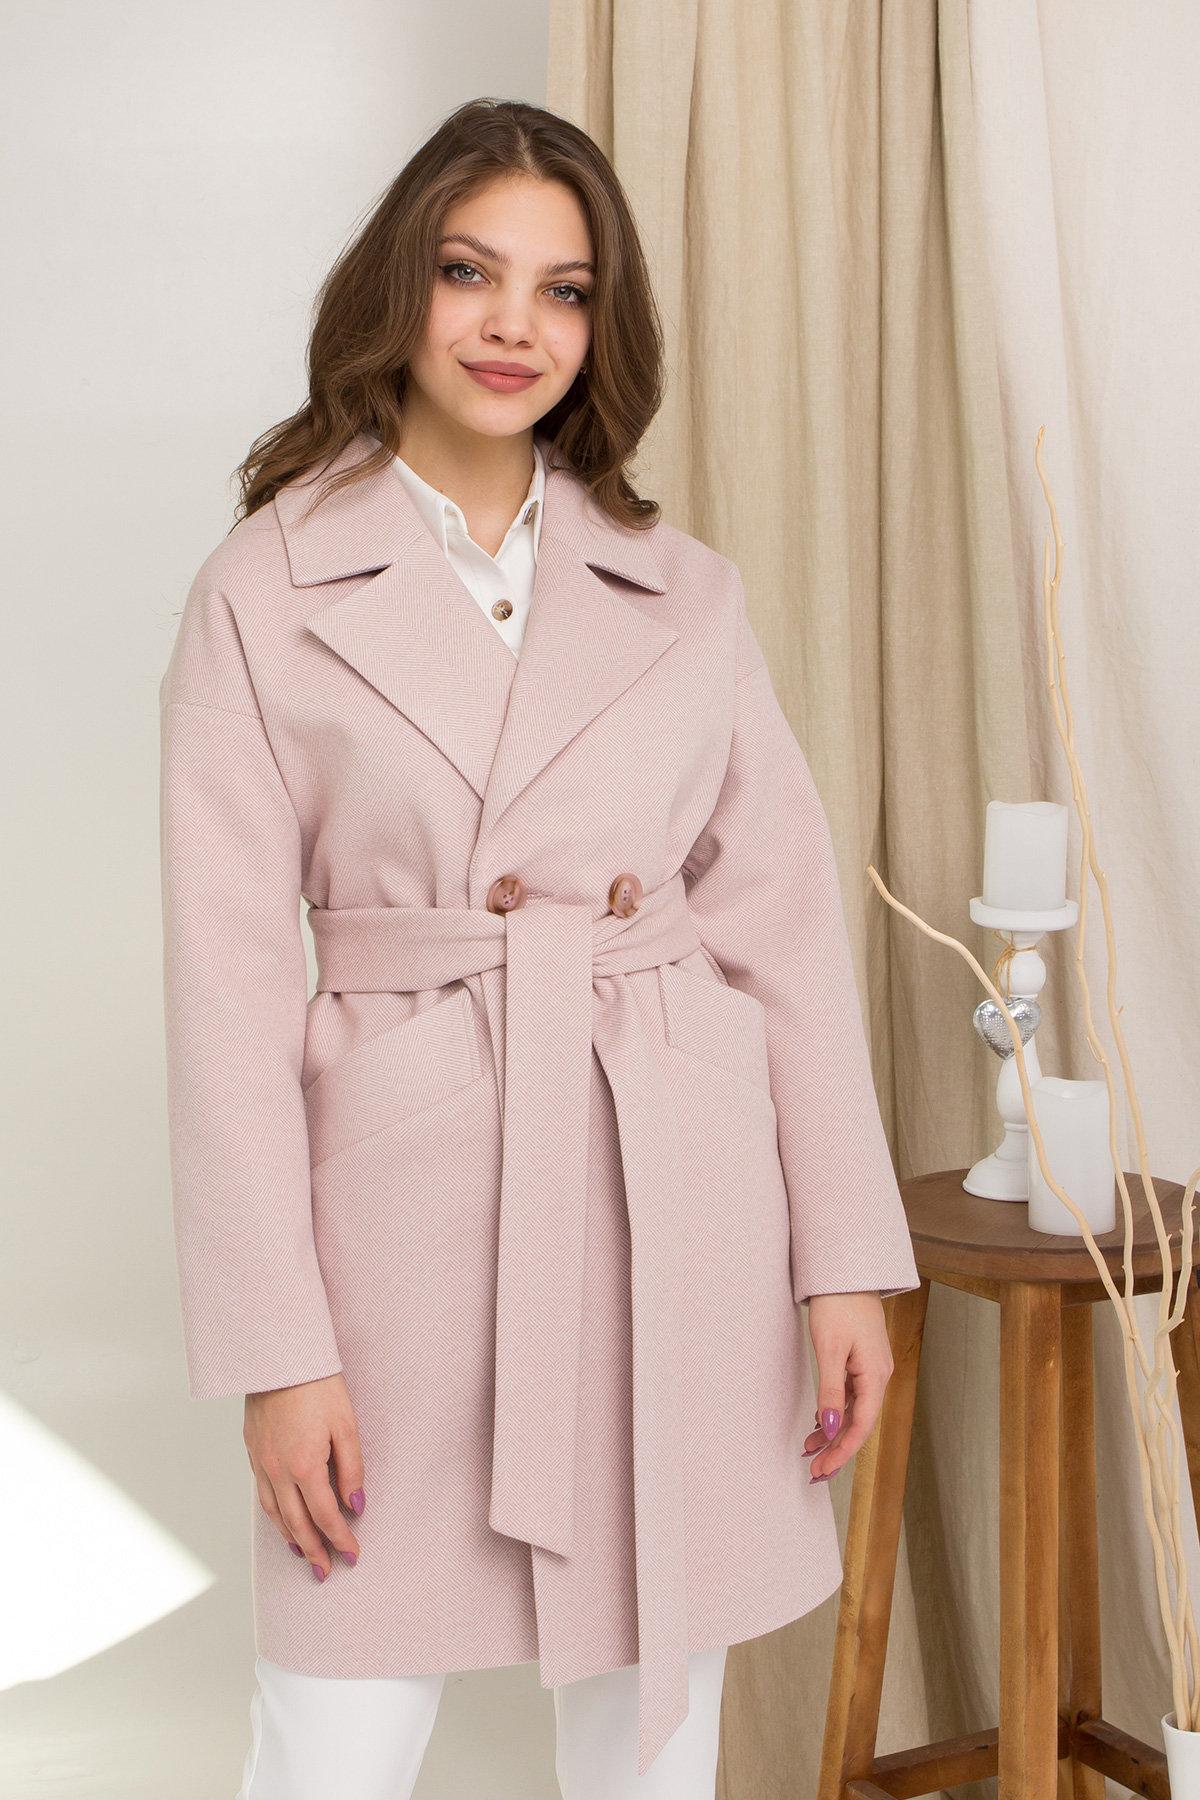 Пальто Сенсей 8905 АРТ. 45316 Цвет: Пудра 2 - фото 4, интернет магазин tm-modus.ru